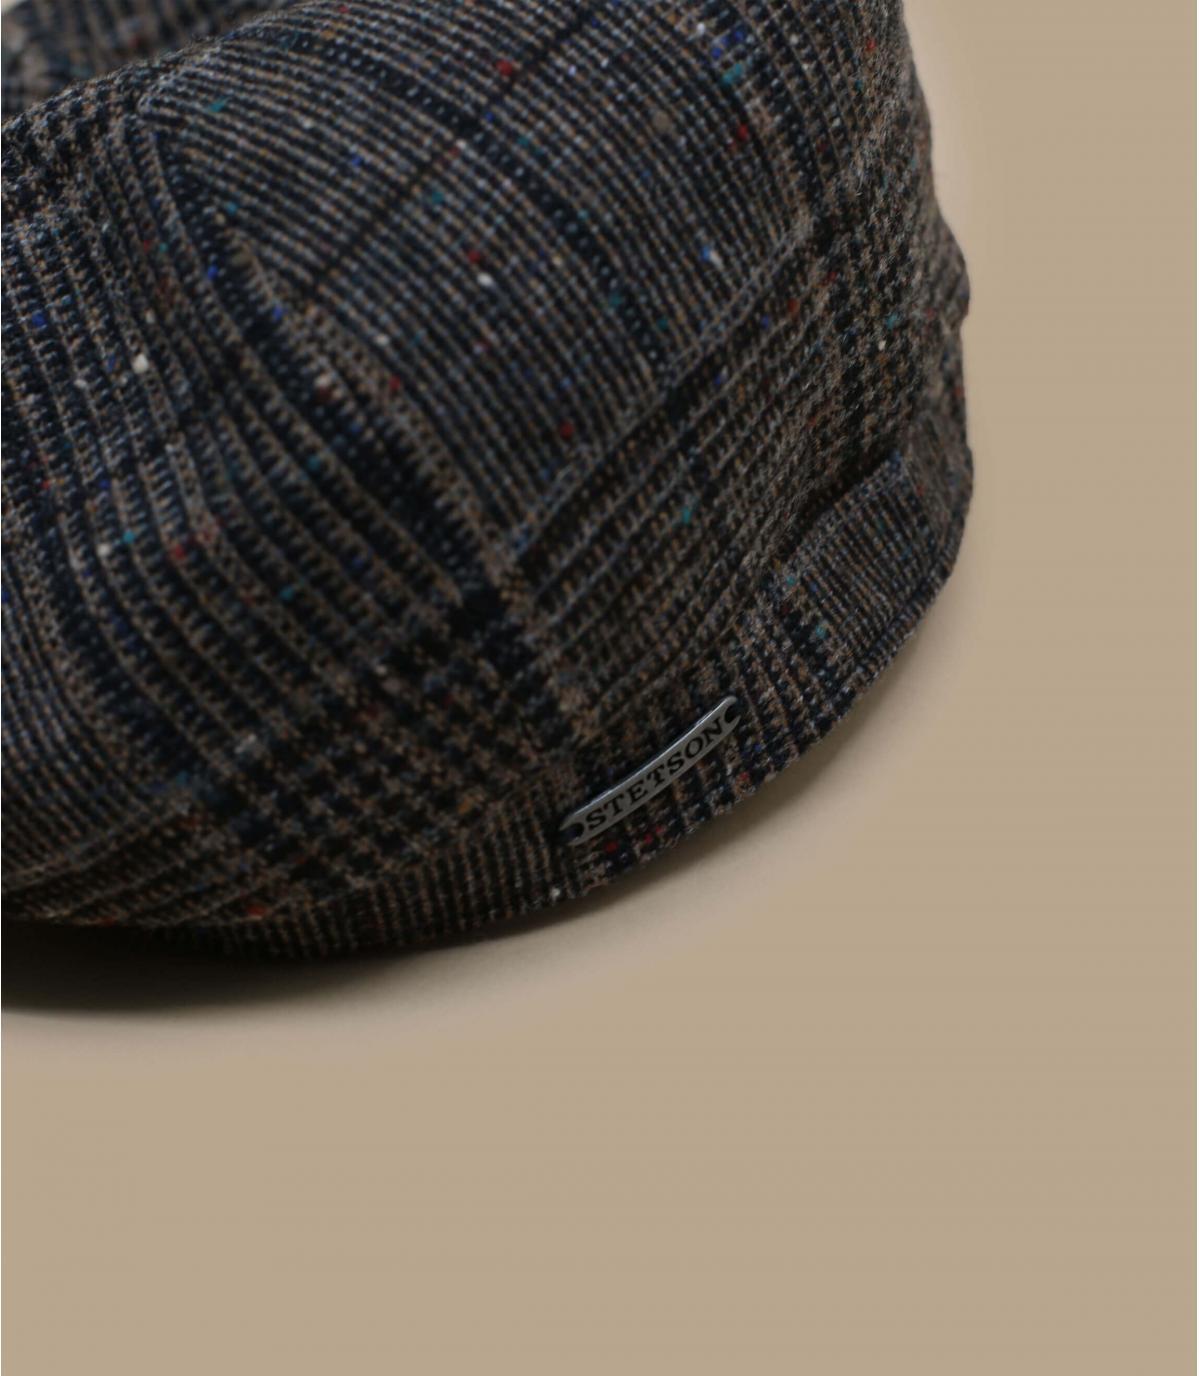 Details Hatteras Wool brown check - Abbildung 2